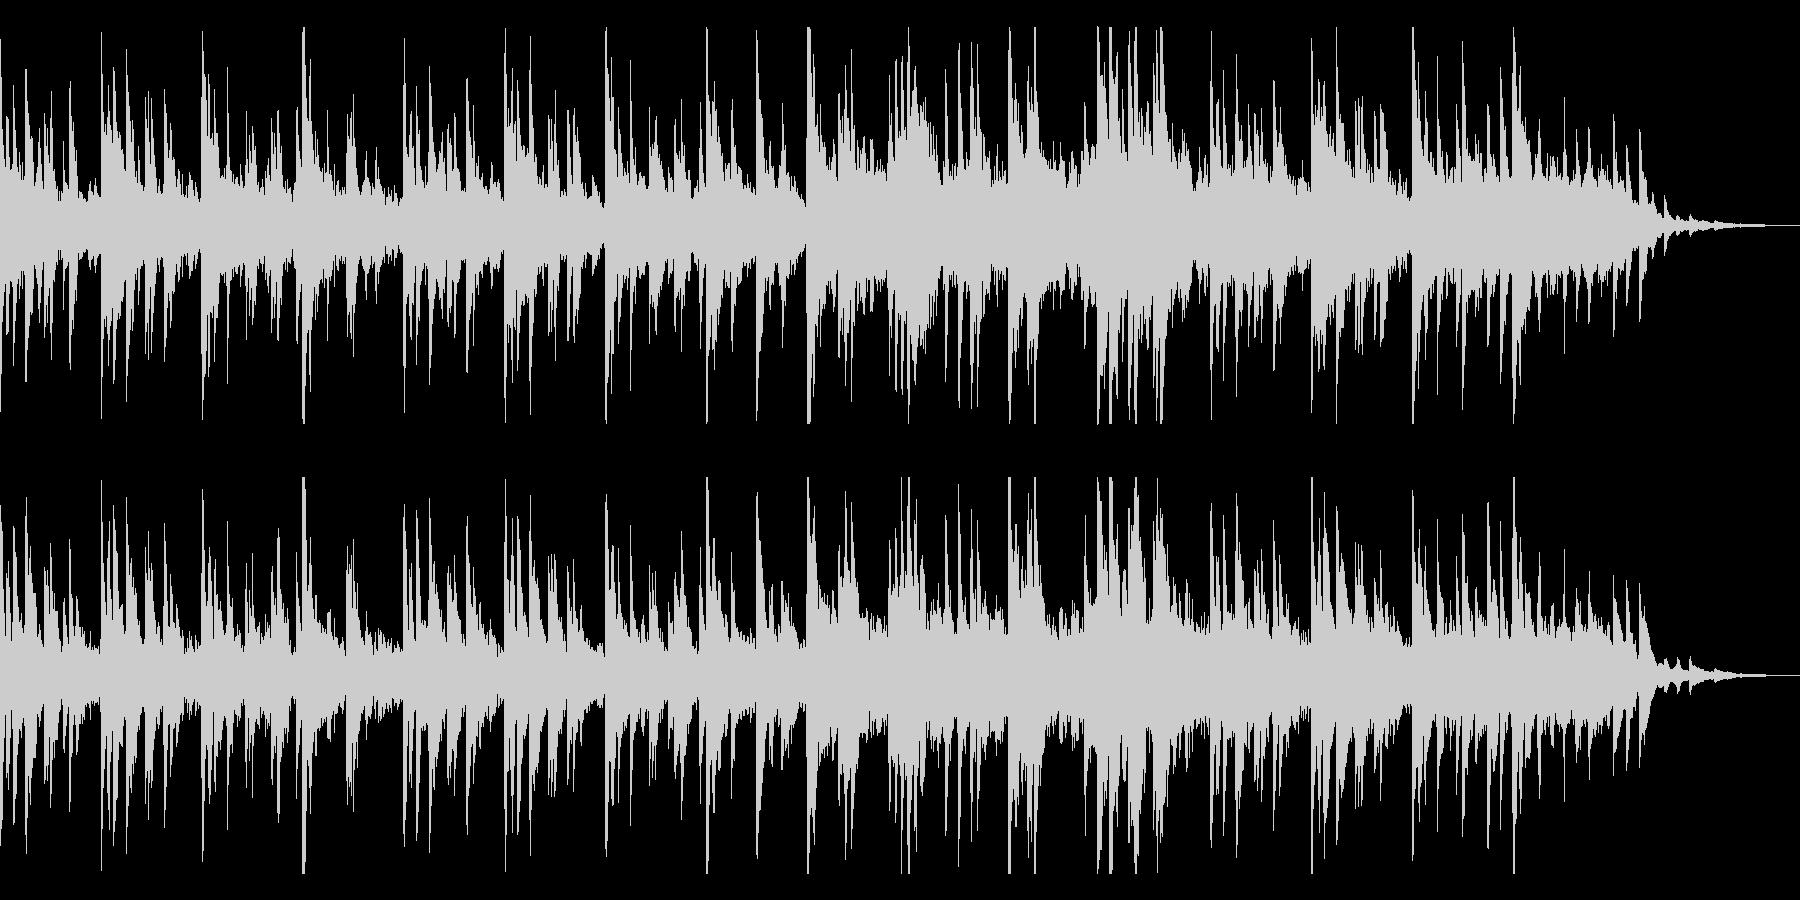 しっとりする優しいピアノ曲の未再生の波形